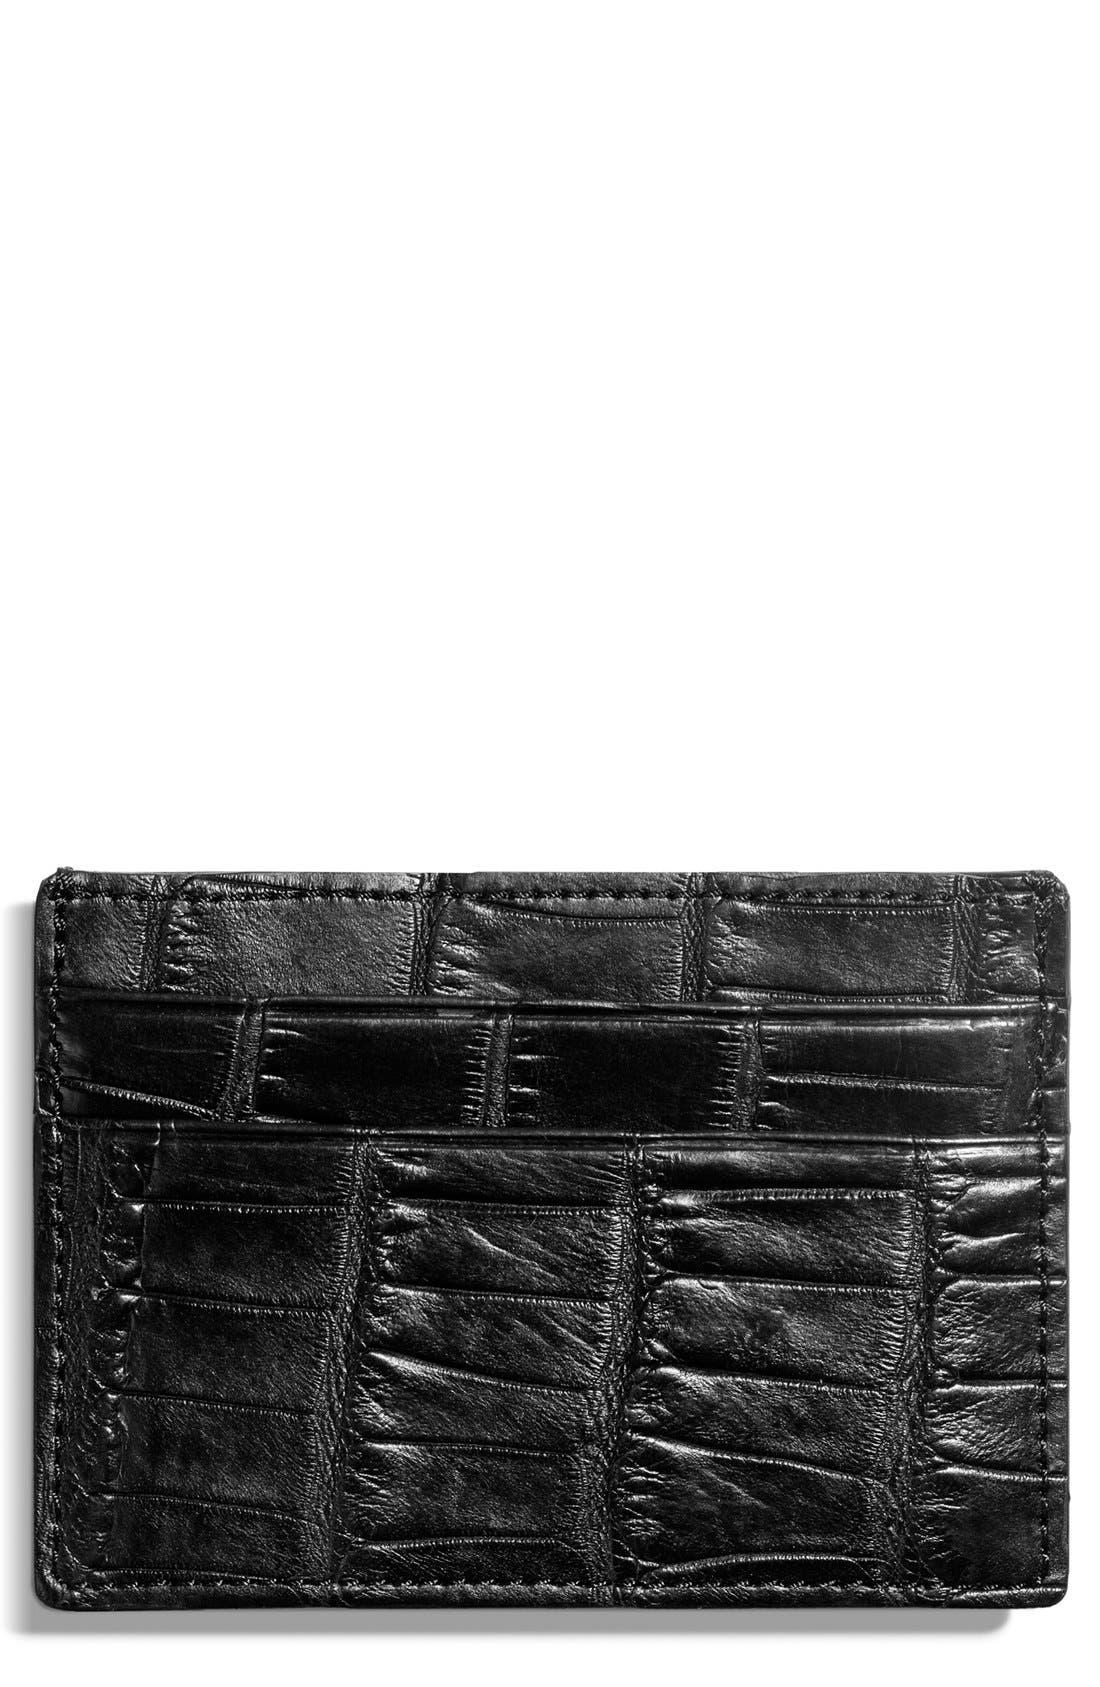 Alternate Image 2  - Shinola Alligator Leather Card Case